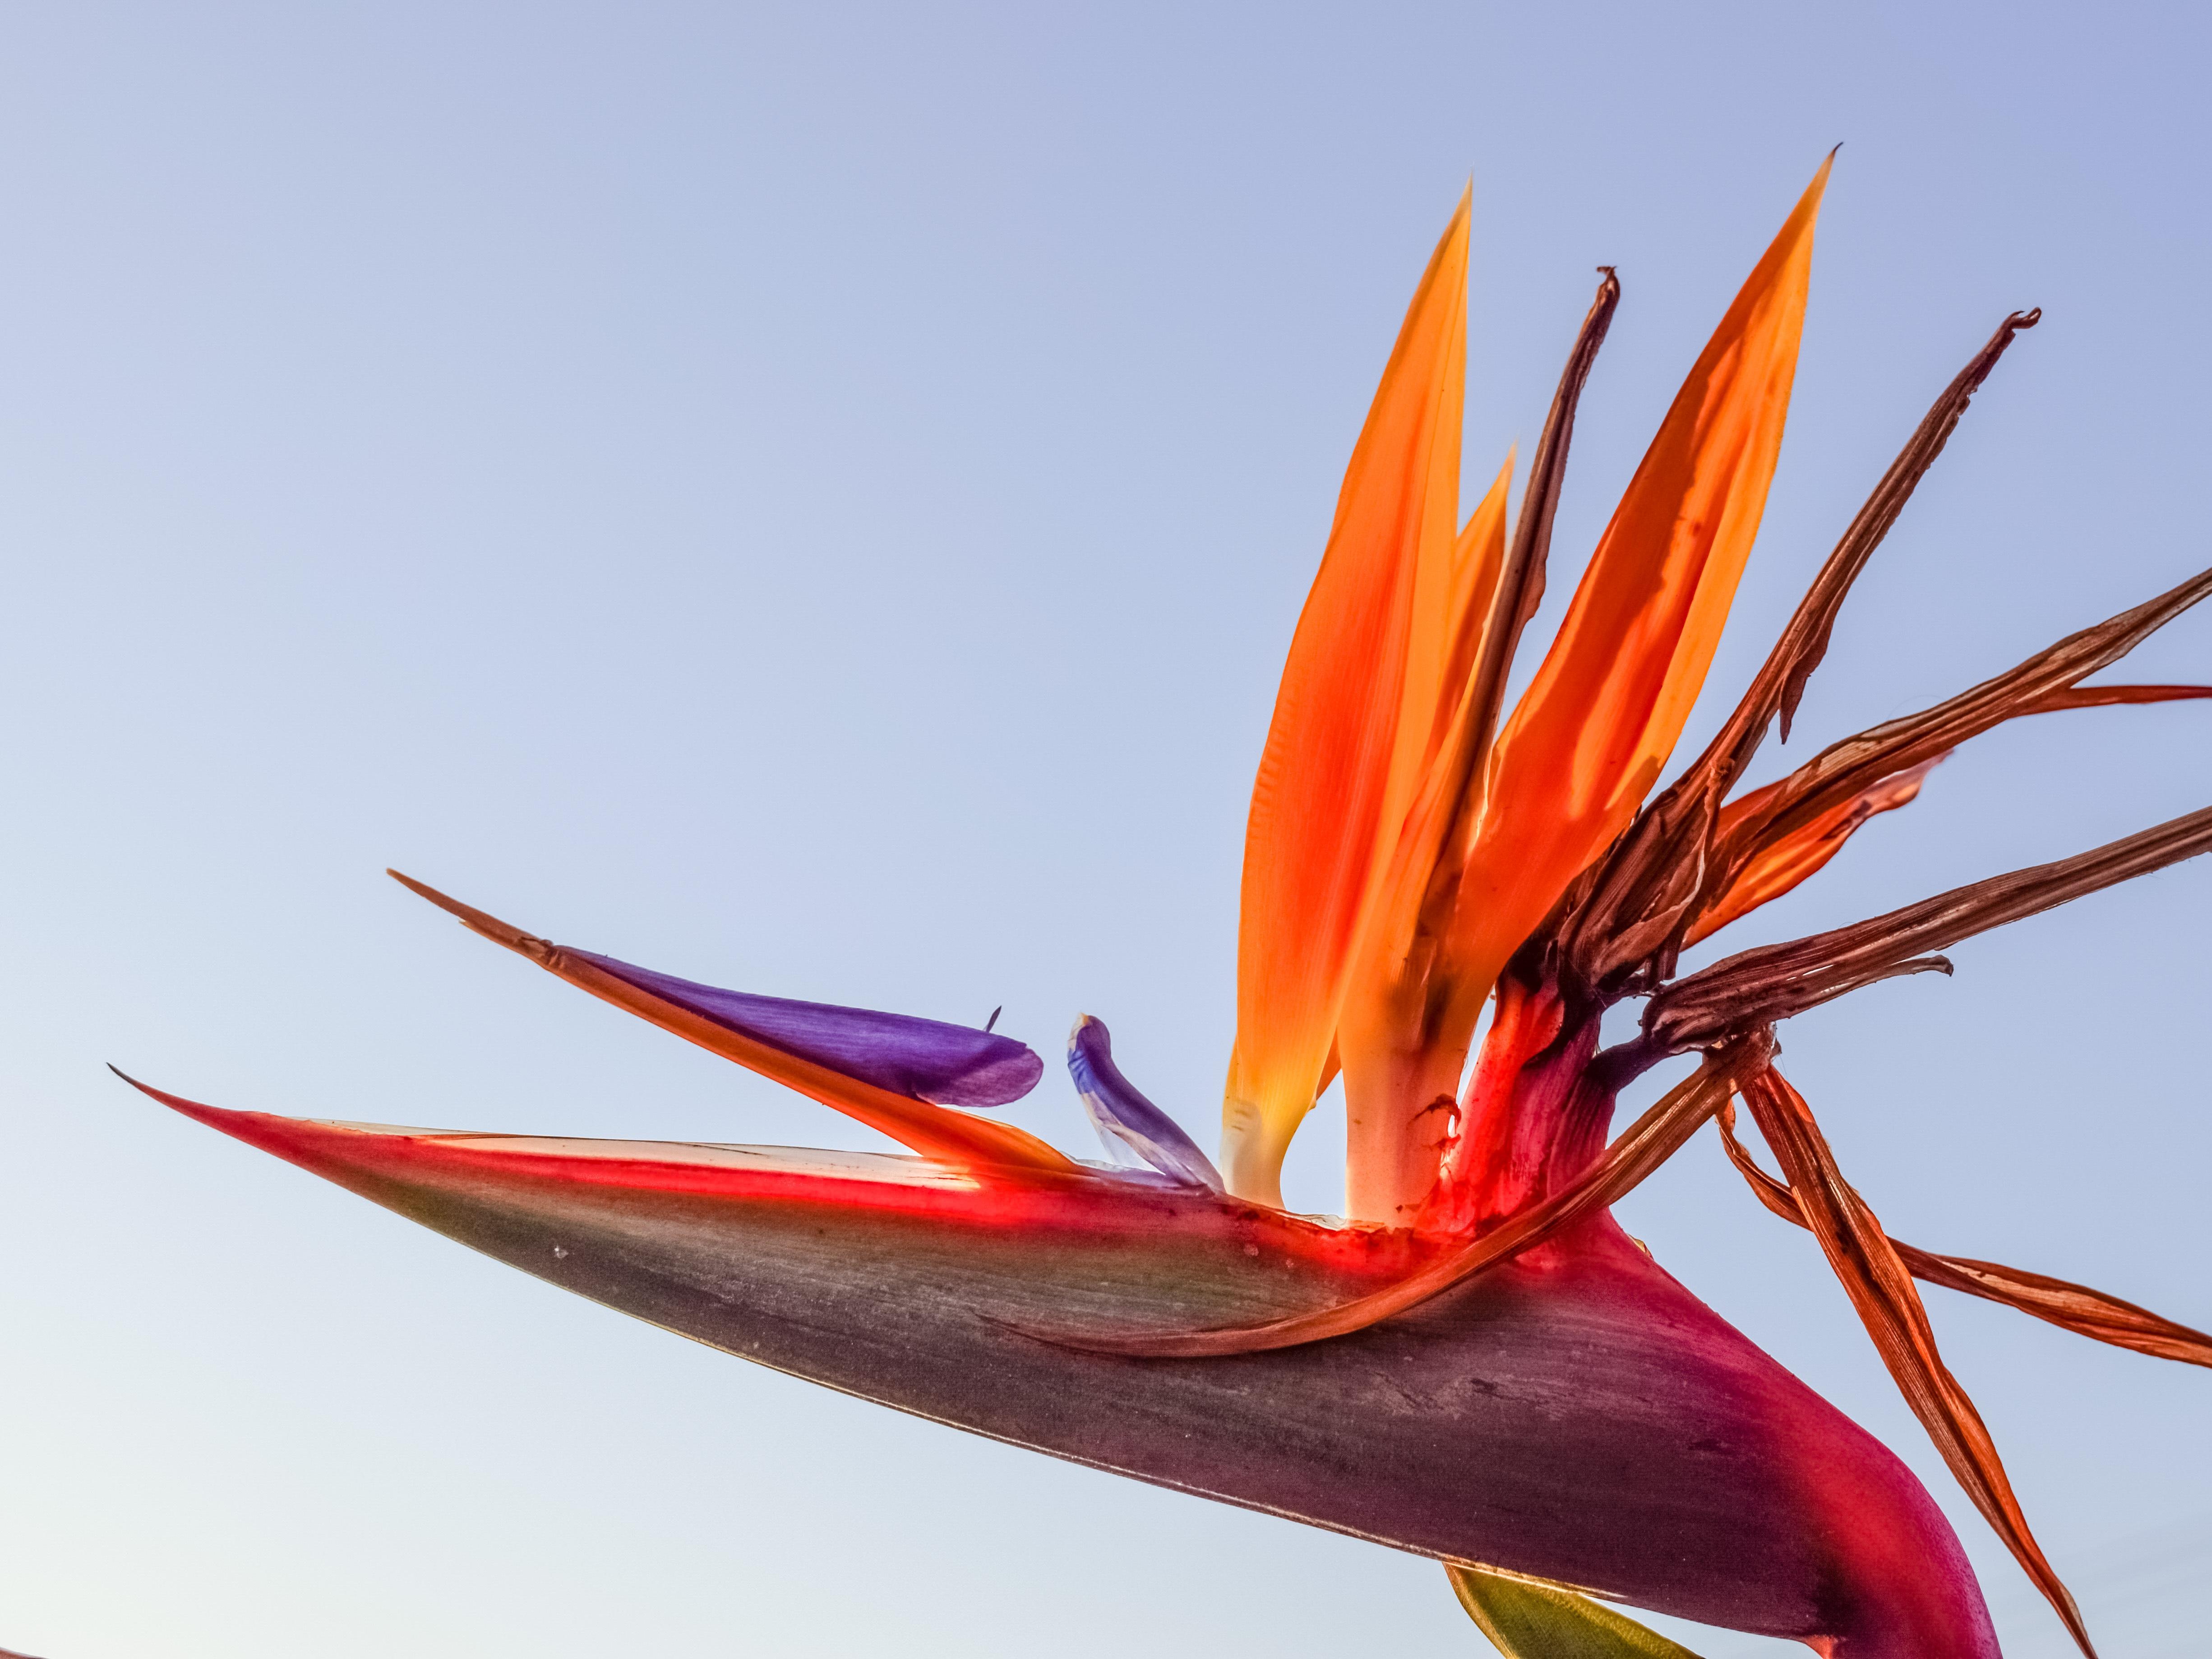 Free Images : nature, blossom, leaf, flower, petal, orange, spring ...